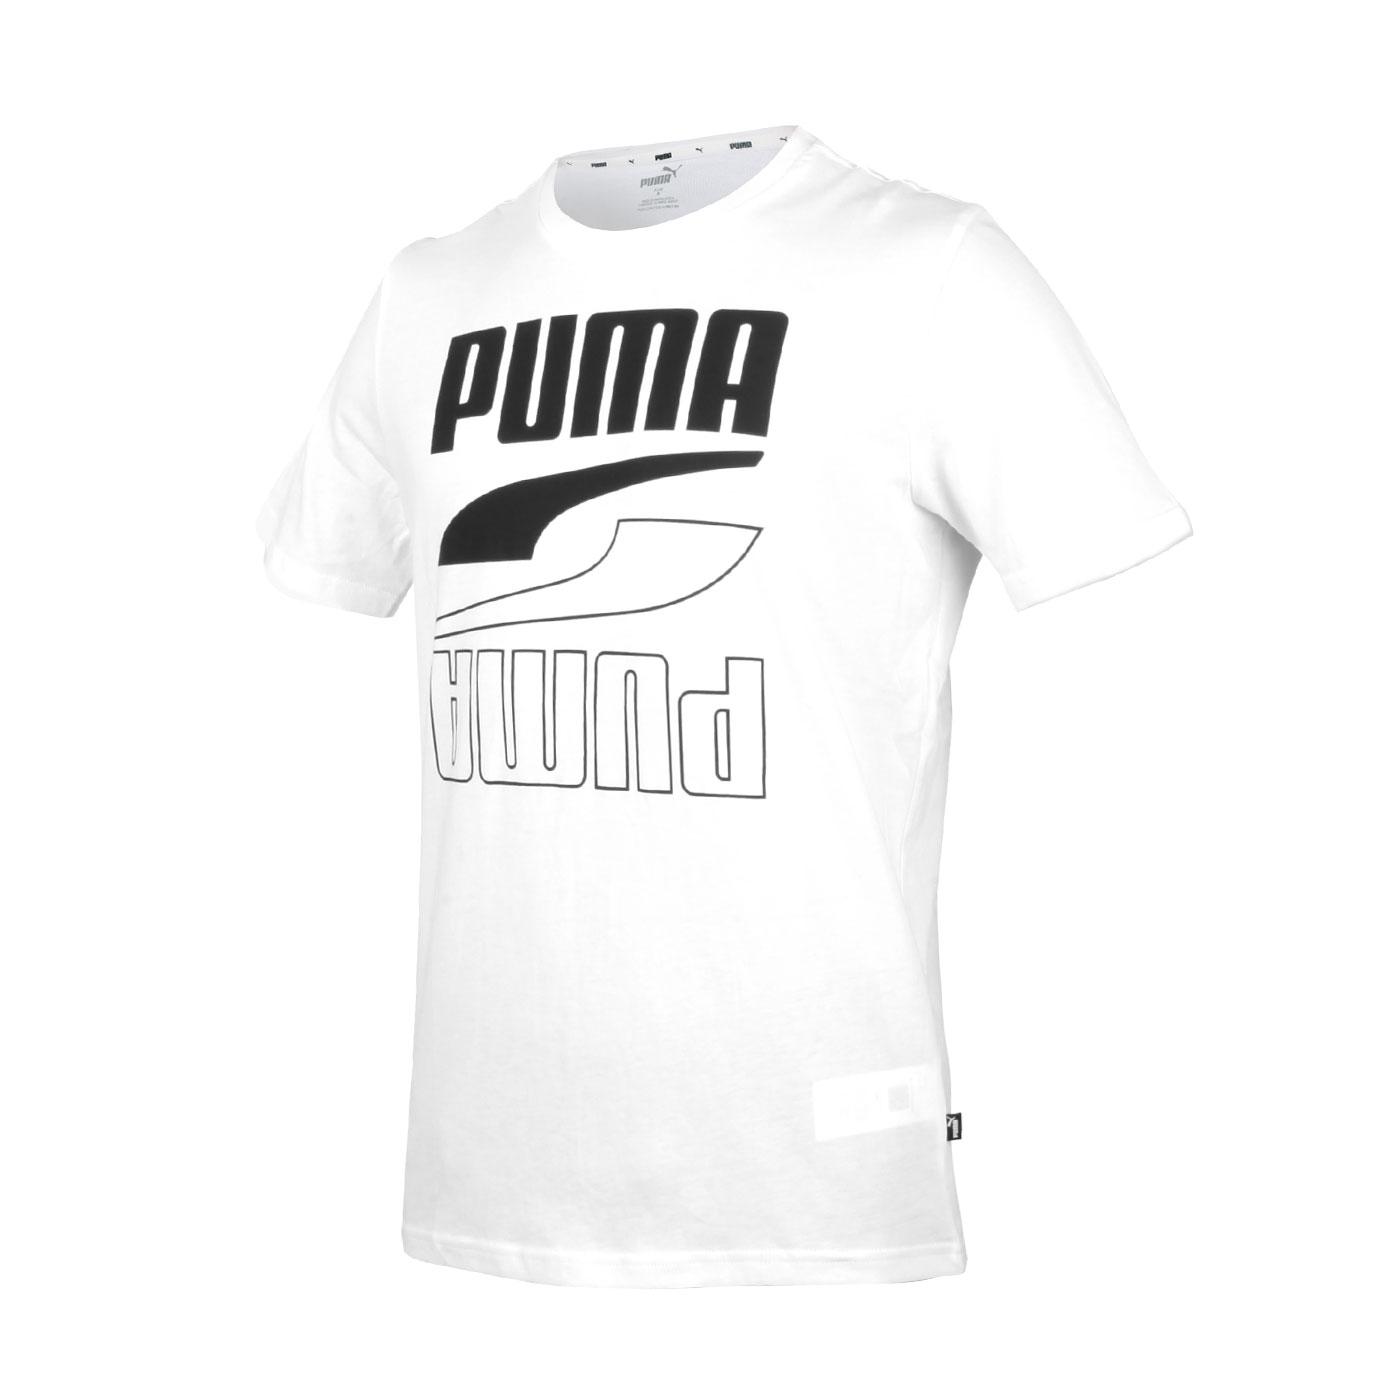 PUMA 男款基本系列短袖T恤 58348801 - 白黑